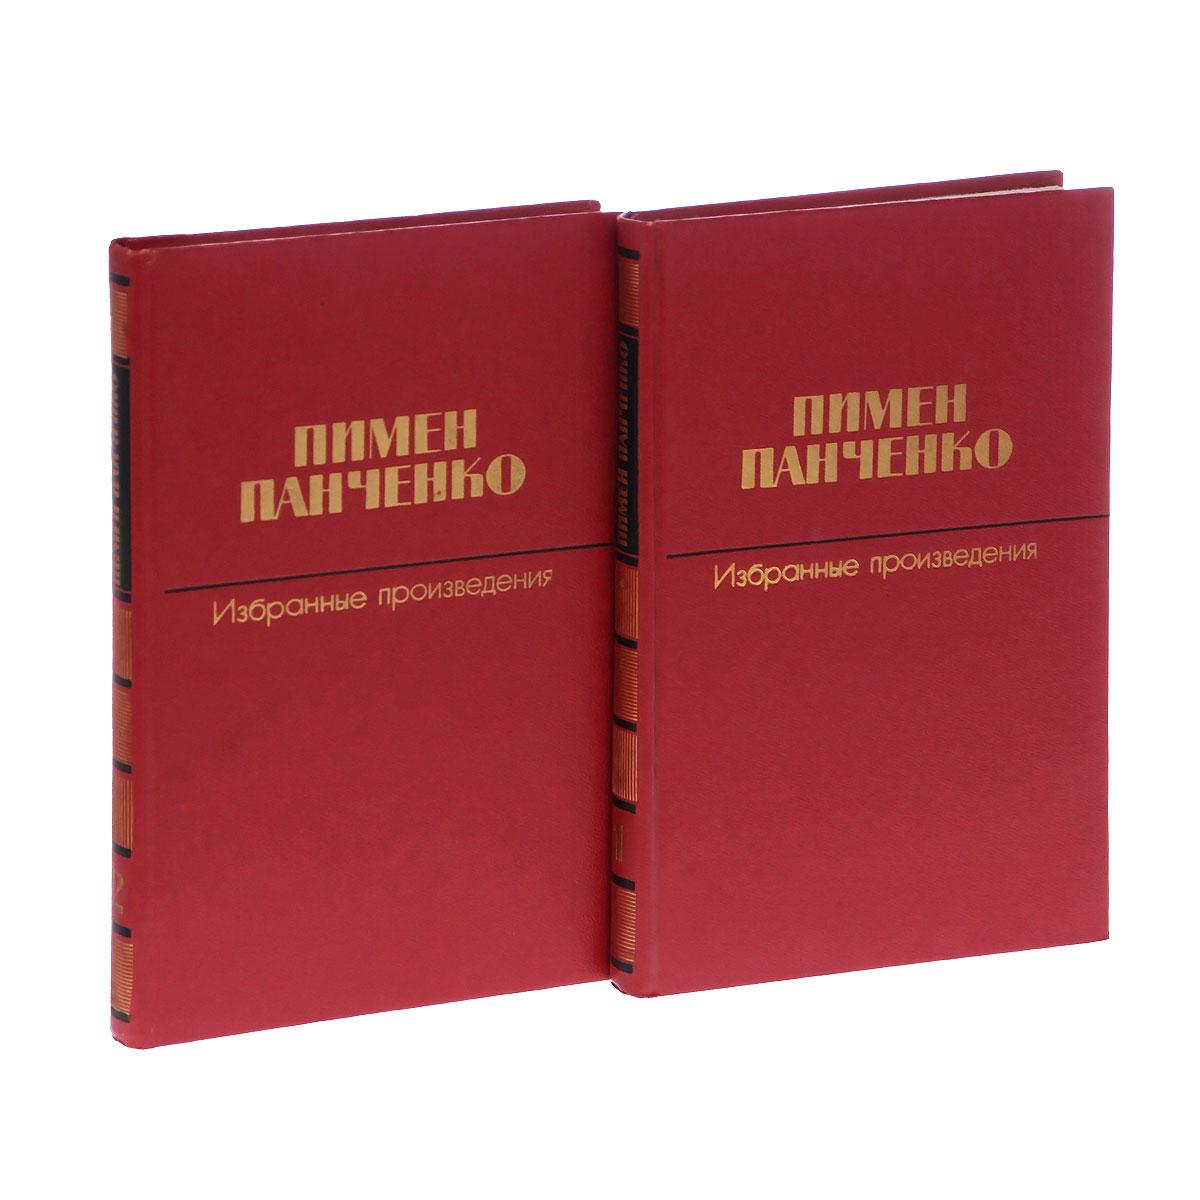 Пимен Панченко. Избранные произведения. В 2 томах (комплект из 2 книг)